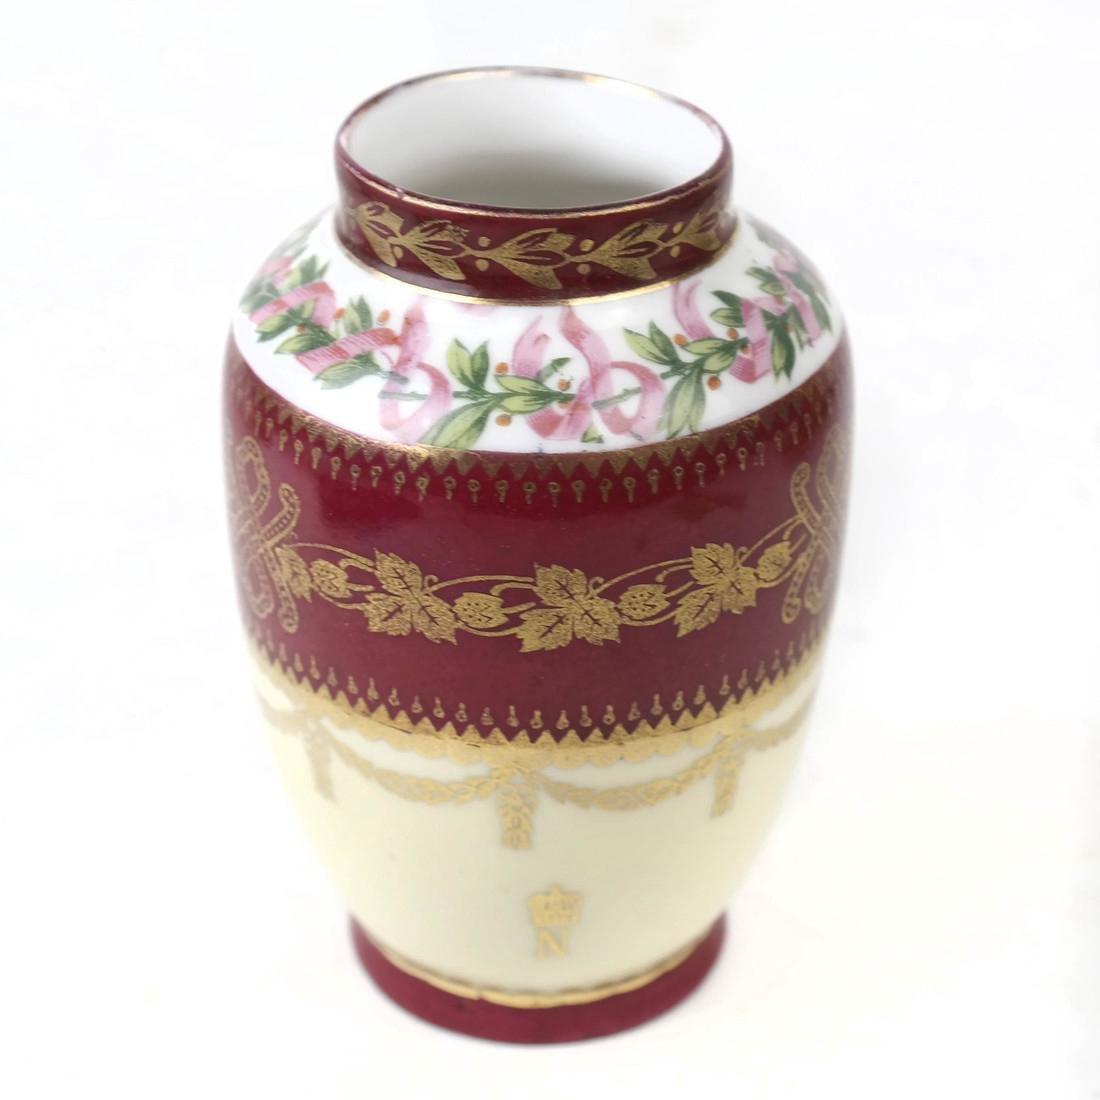 Four-Piece Dresden, Sevres Porcelain Group - 5